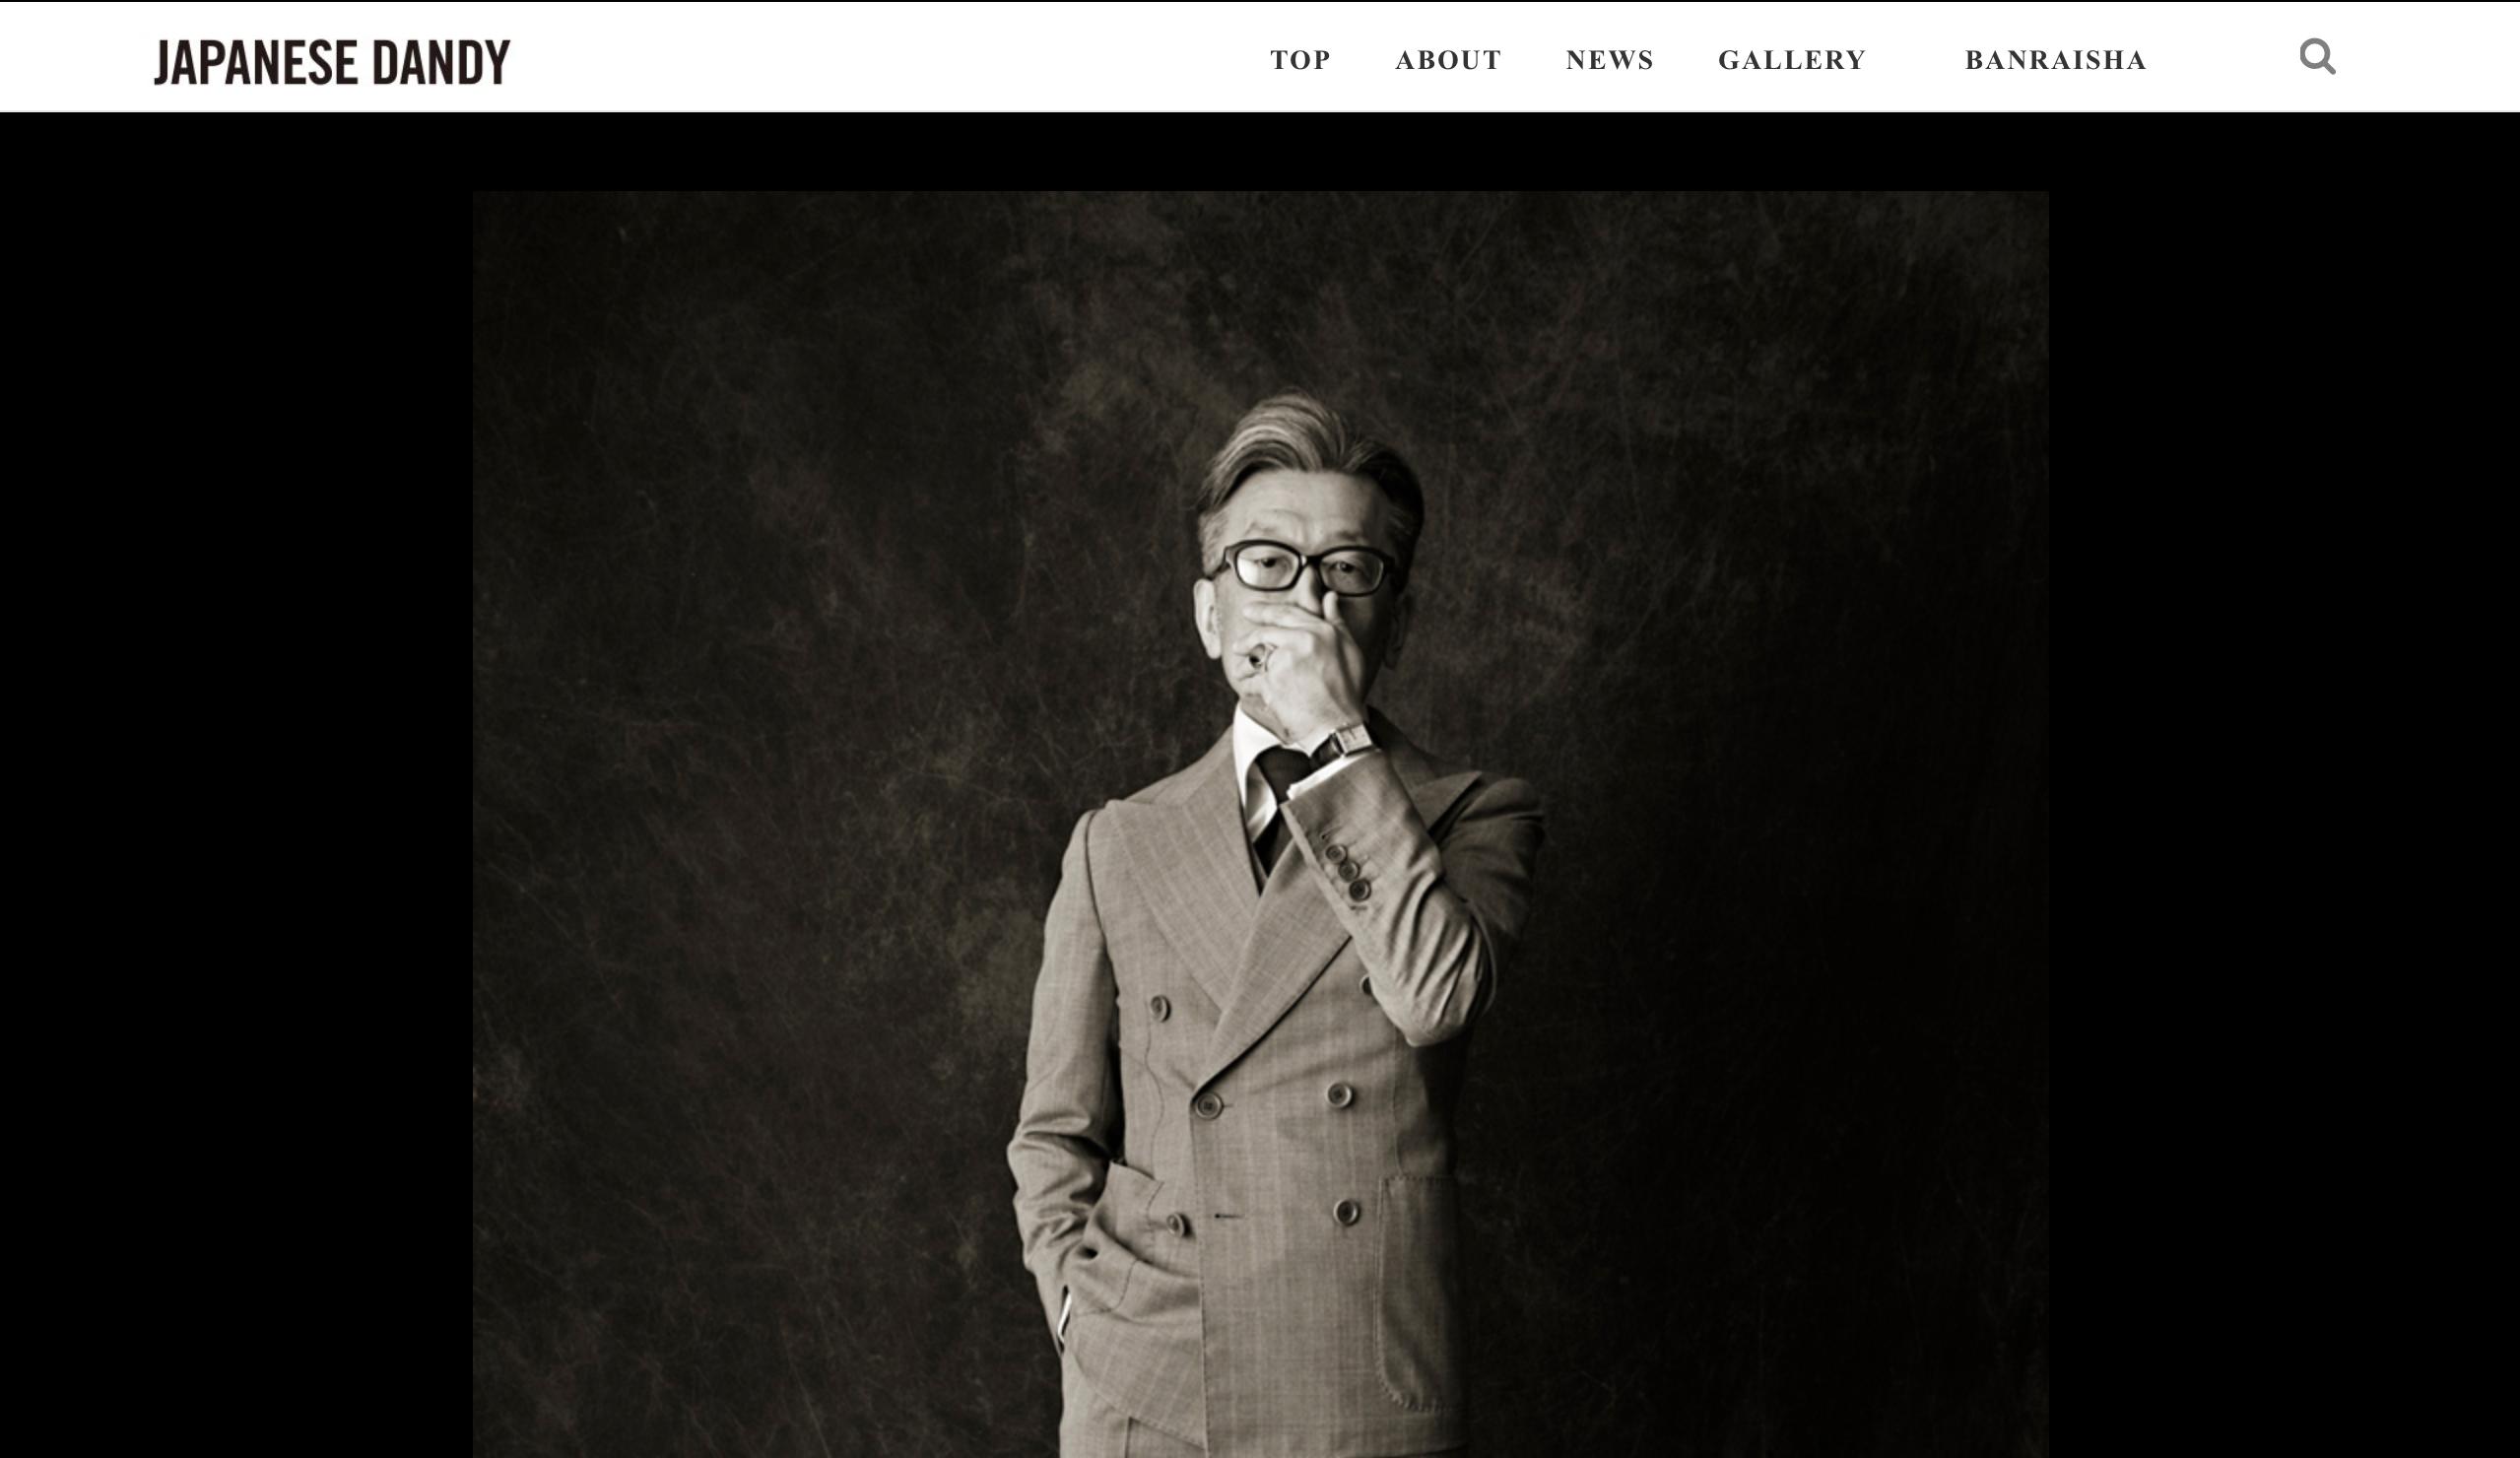 【WEB制作】JAPANESE DANDY オフィシャルウェブサイト